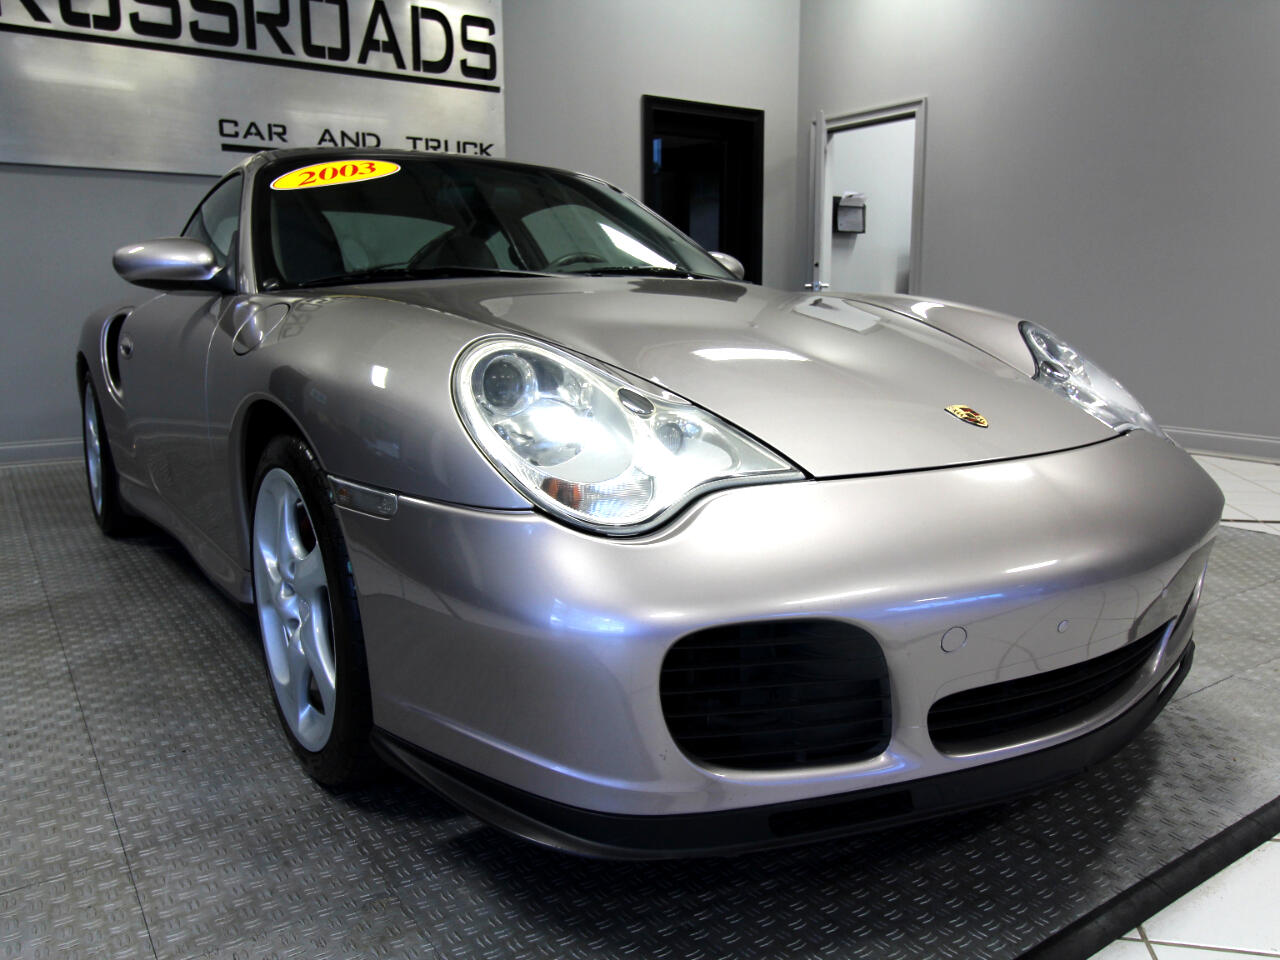 Porsche 911 Carrera 2dr Carrera Turbo Cpe 2003